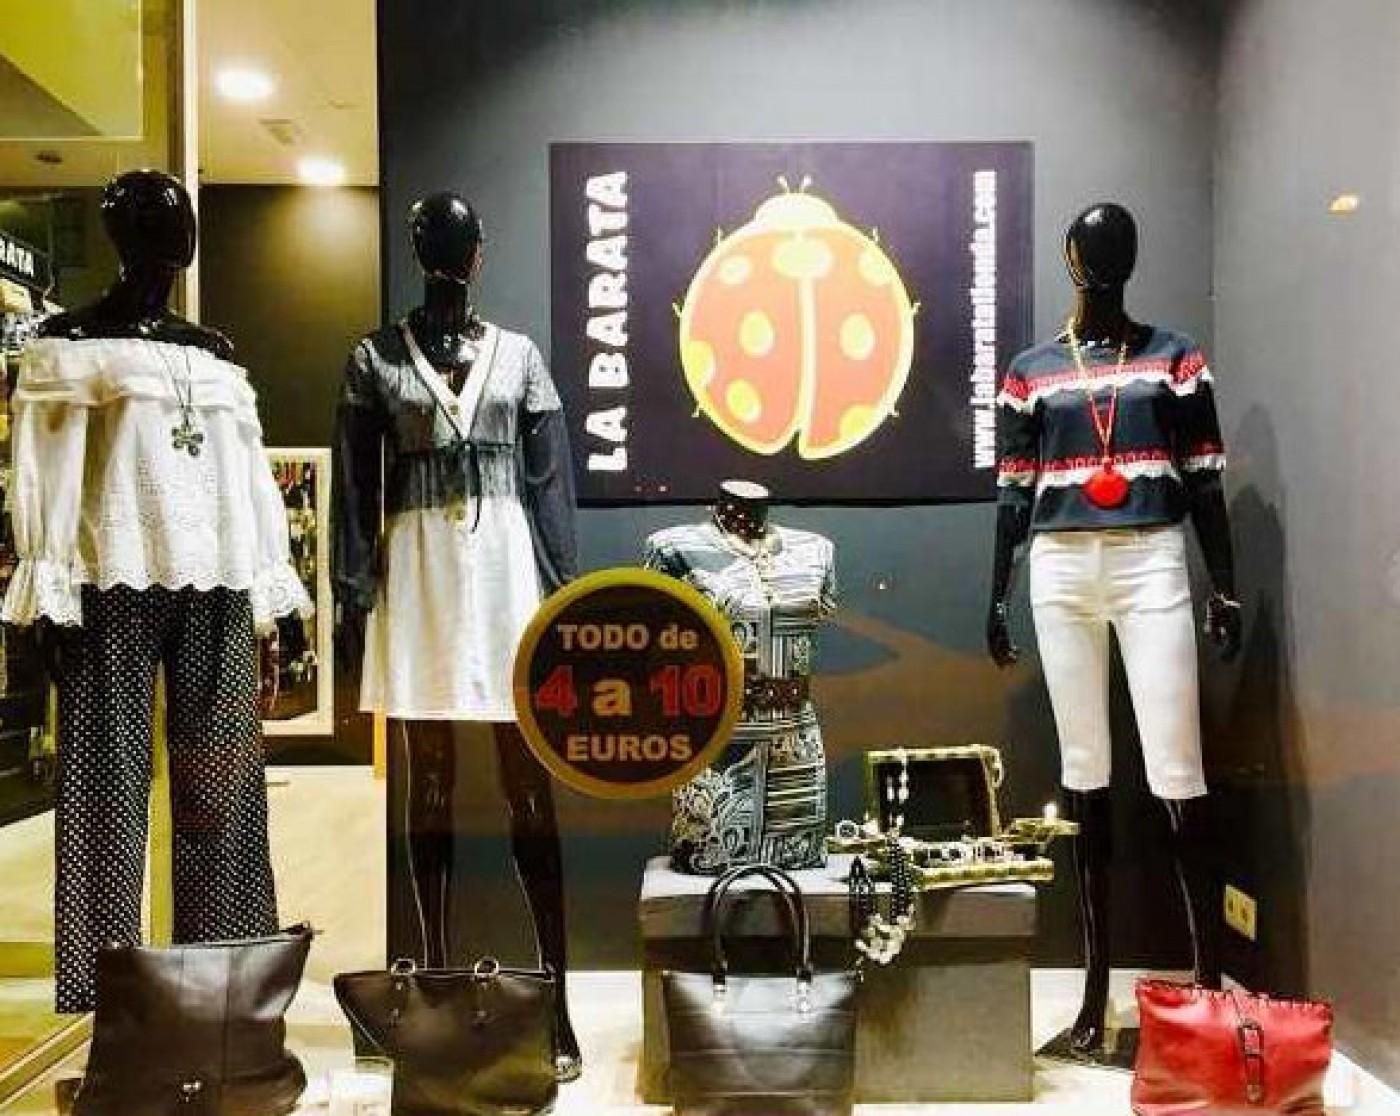 La Barata low-cost ladies fashion in Puerto de Mazarrón